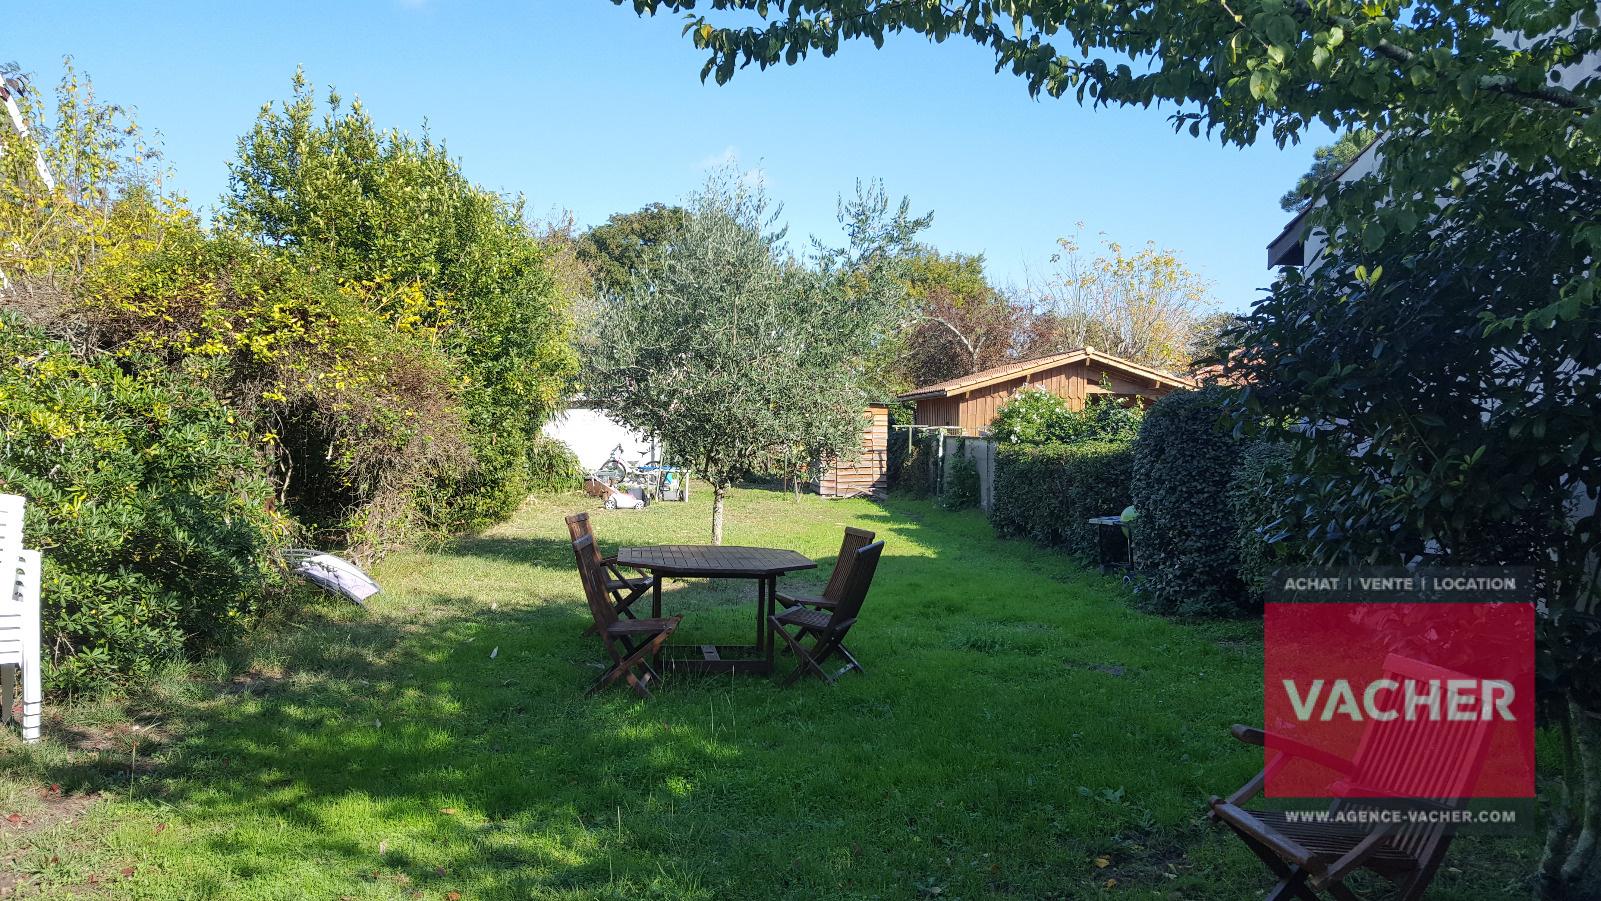 Annonce location maison andernos les bains 33510 48 m 780 992739558031 - Jardin dans une maison poitiers ...